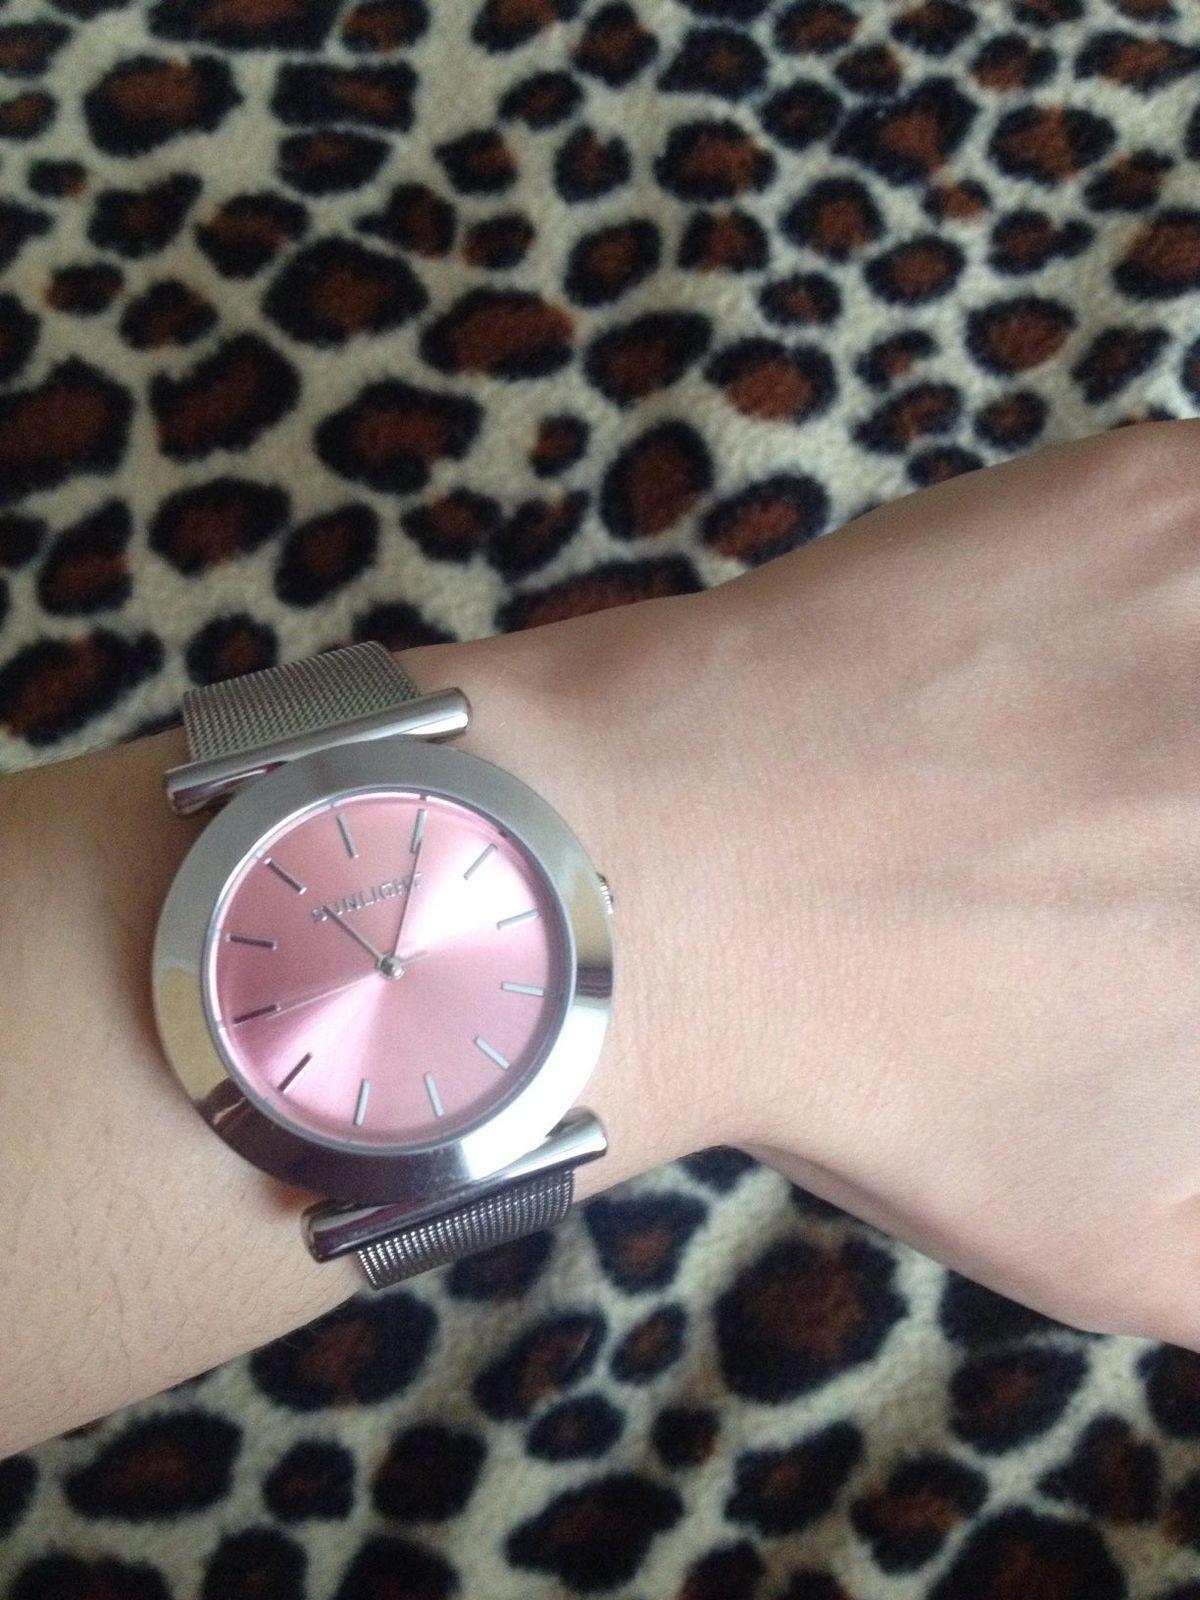 Очень довольна покупкой, часы изящные, аккуратные, по привлекательной цене